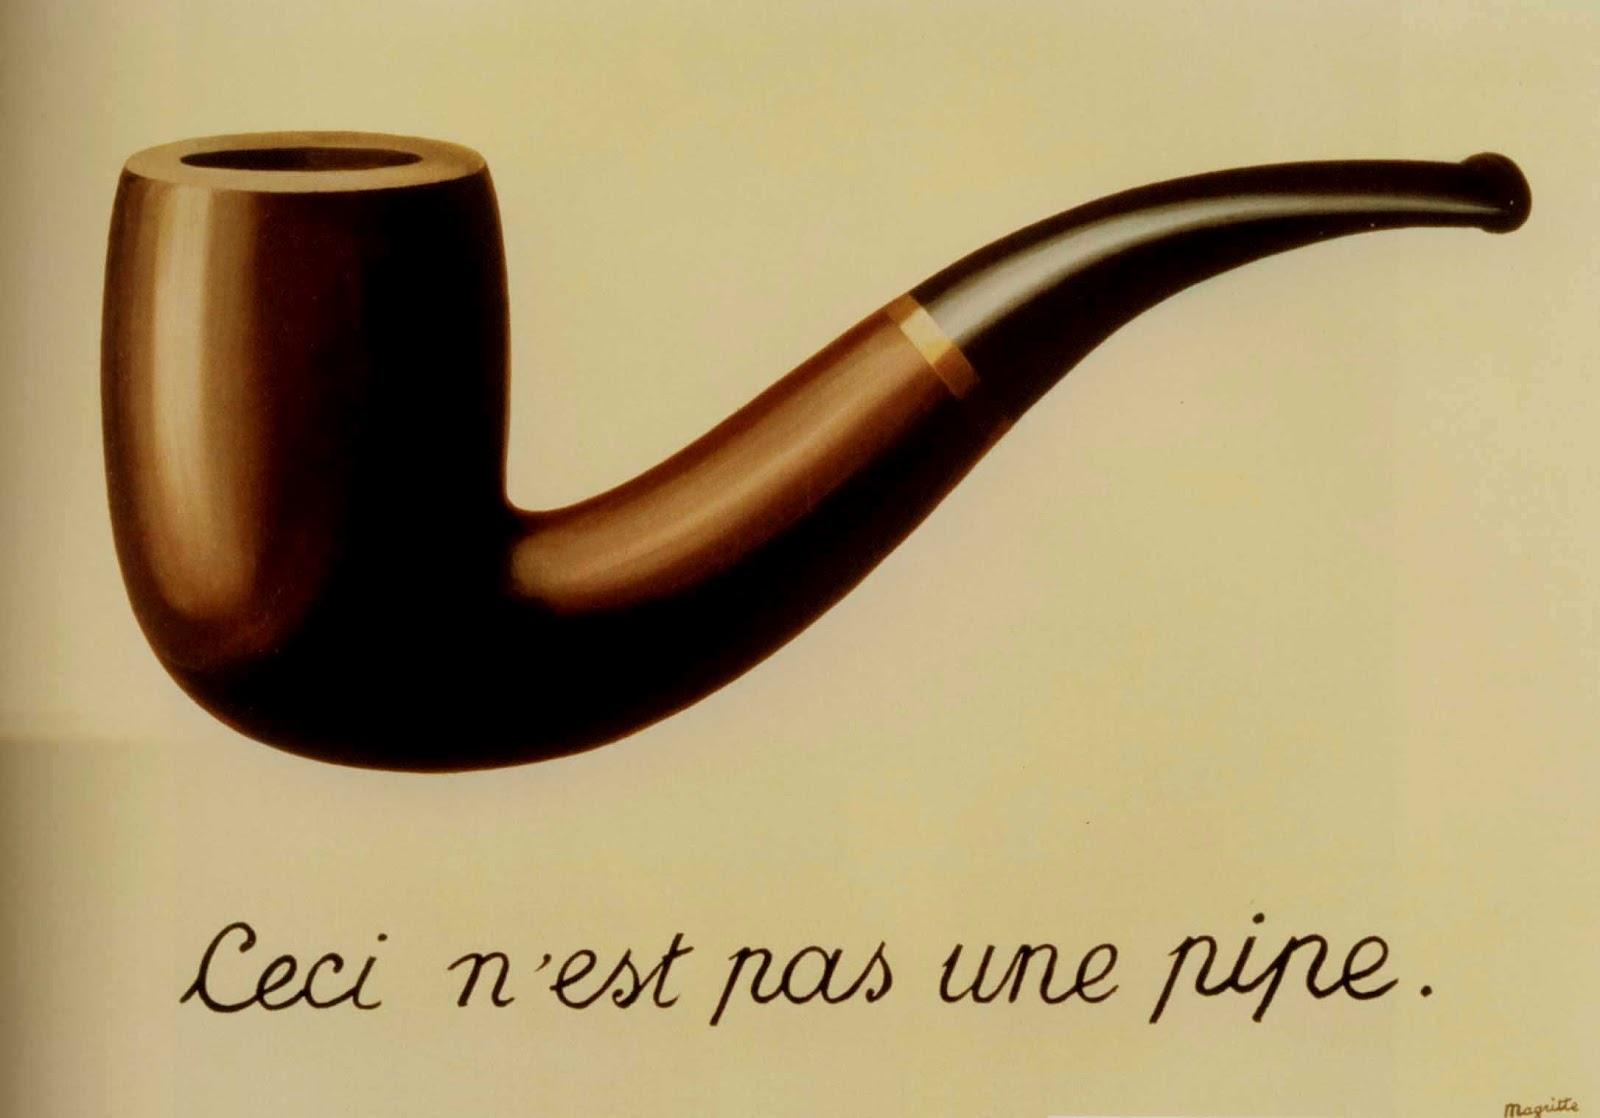 La traición de las imágenes, René Magritte, 1929. Los Angeles County Museum of Art, California